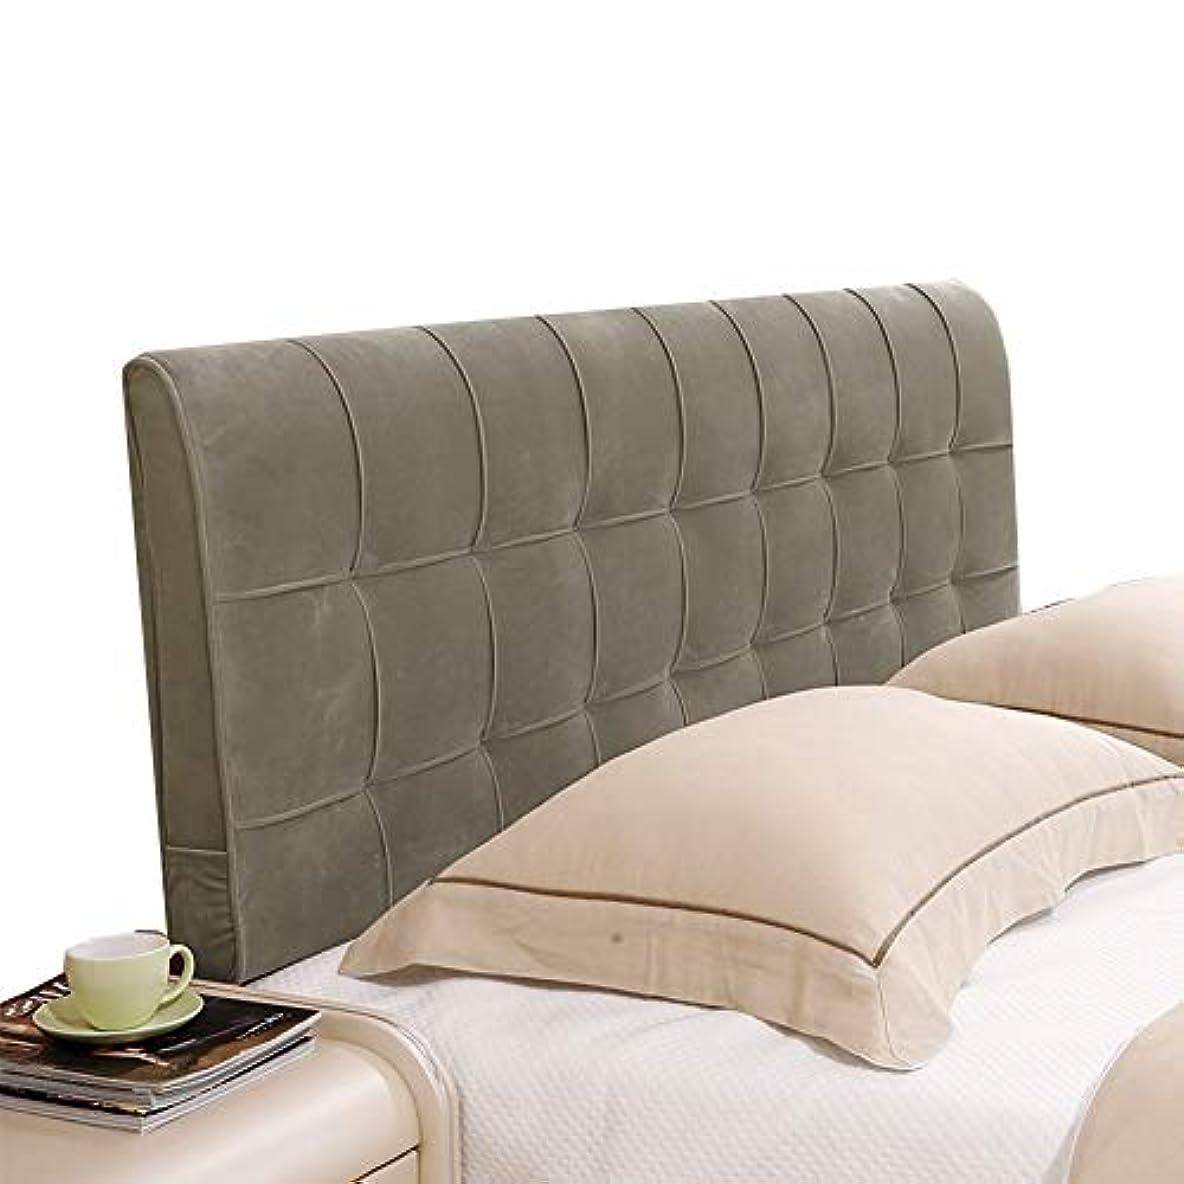 サミュエルミルクマウスLIANGLIANG クションベッドの背もたれスポンジ充填寝室ダブル特大ベッドヘッドレスト快適なバックサポート洗える、4色、14サイズ (色 : ブロンズ, サイズ さいず : 140x58x10cm)